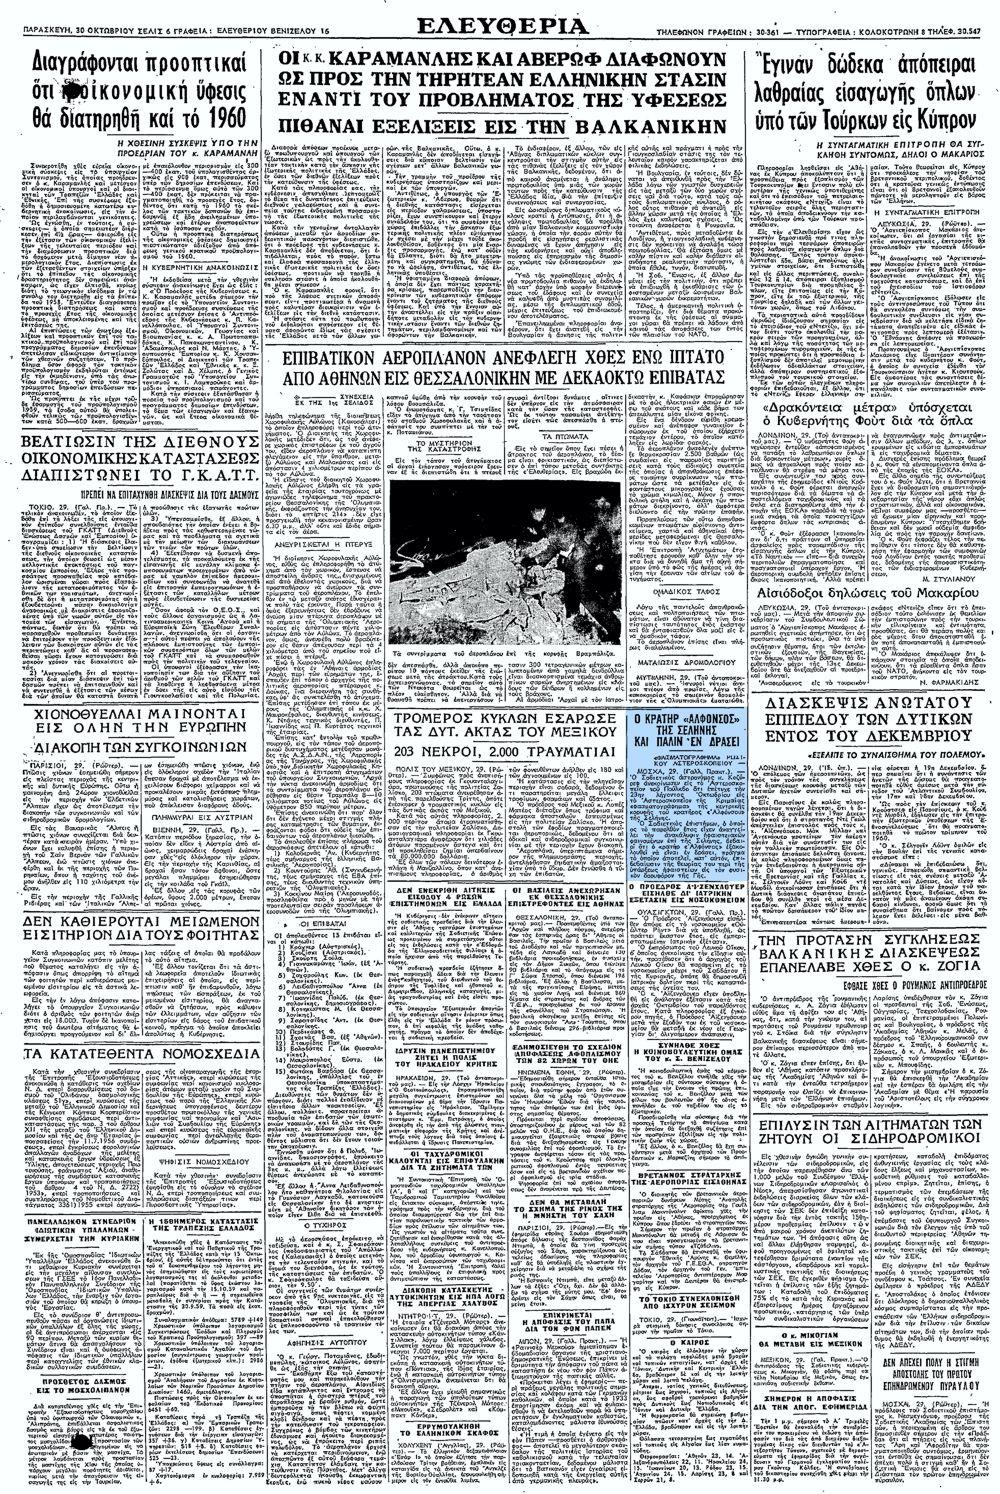 """Το άρθρο, όπως δημοσιεύθηκε στην εφημερίδα """"ΕΛΕΥΘΕΡΙΑ"""", στις 30/10/1959"""